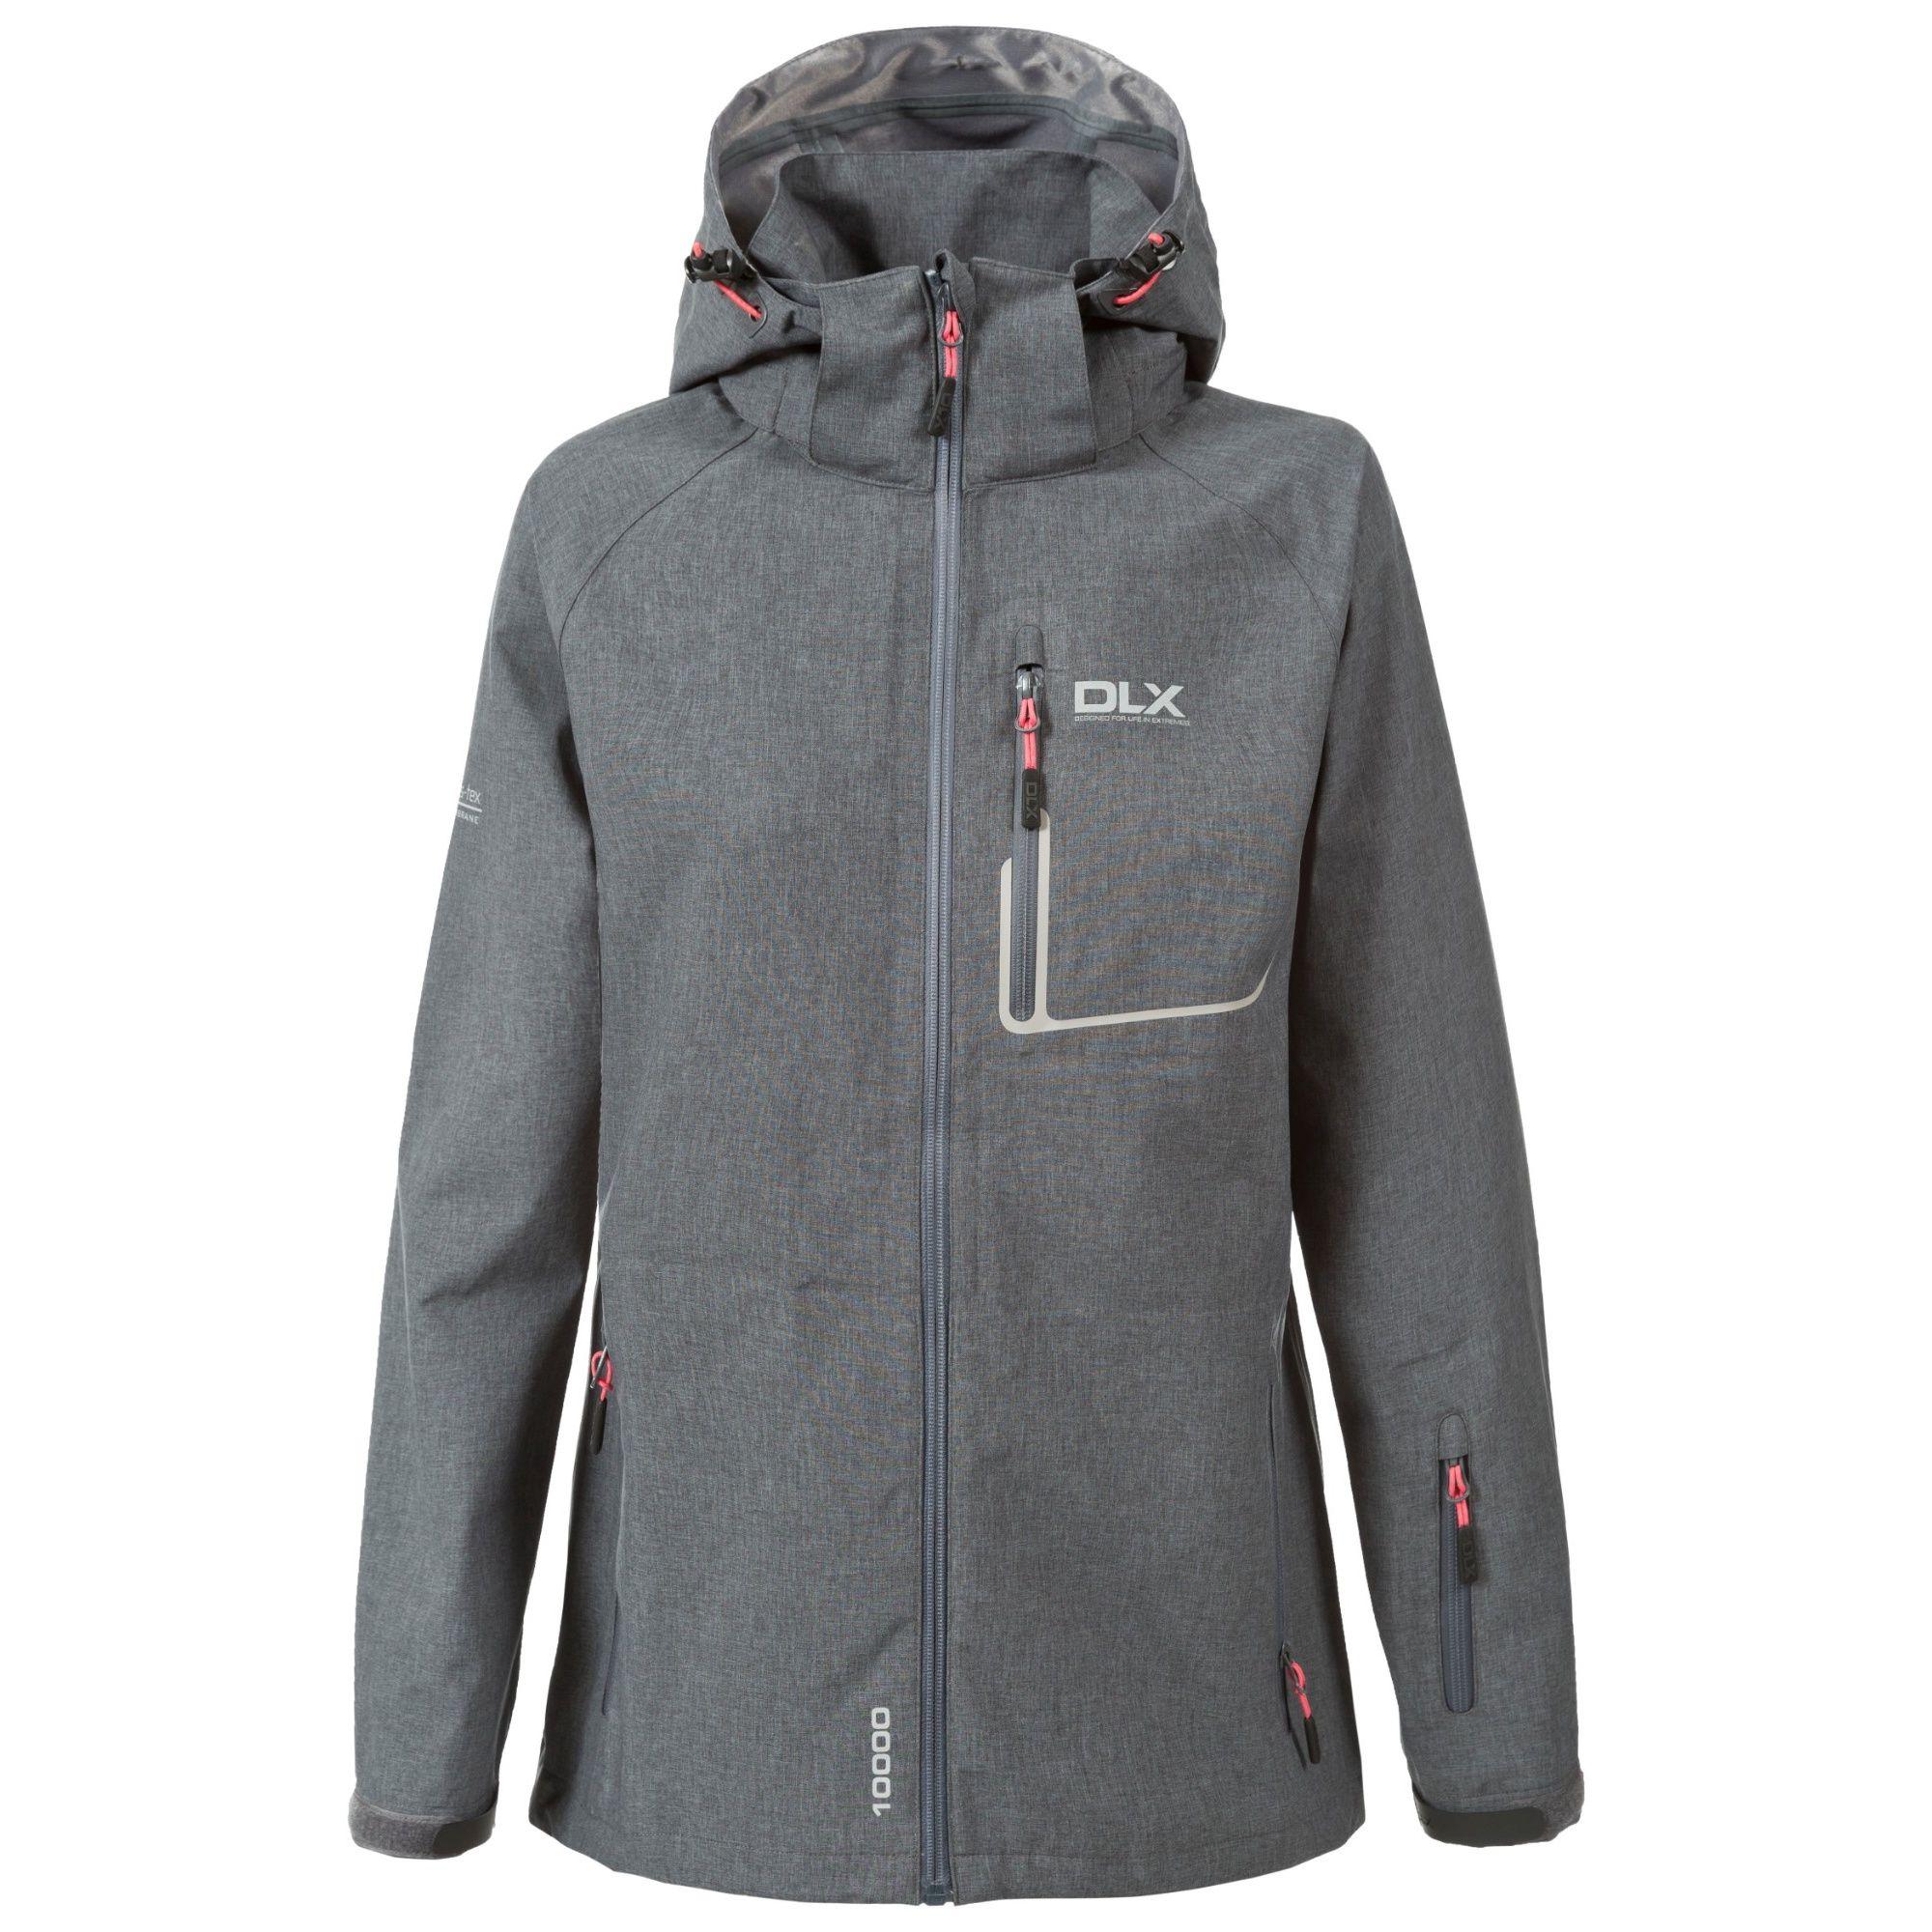 Trespass Womens/Ladies Gita Waterproof Shell Jacket